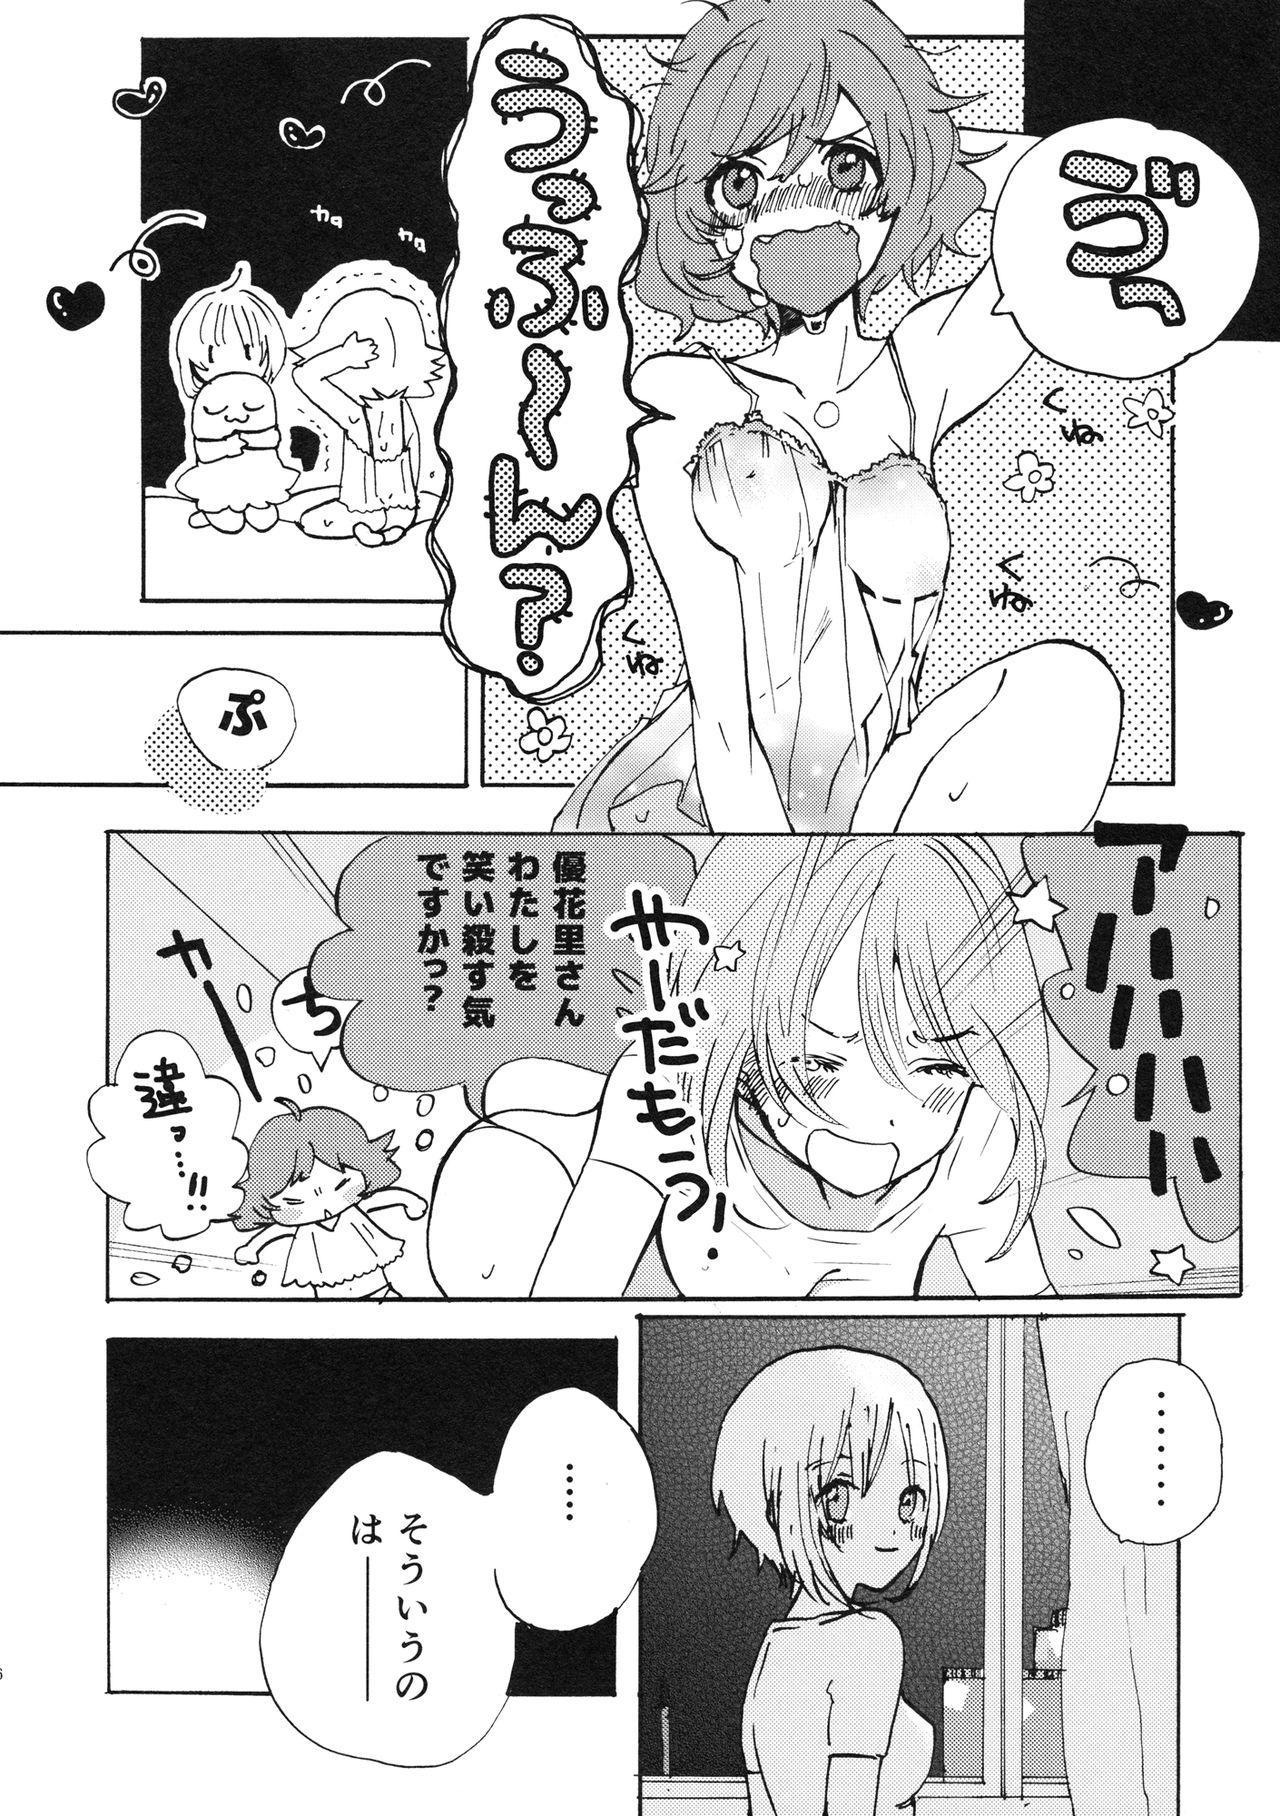 Natsu wa Aka-chan Play to Chimou to, Hanabi o Mite Kiss o Suru no da. 4